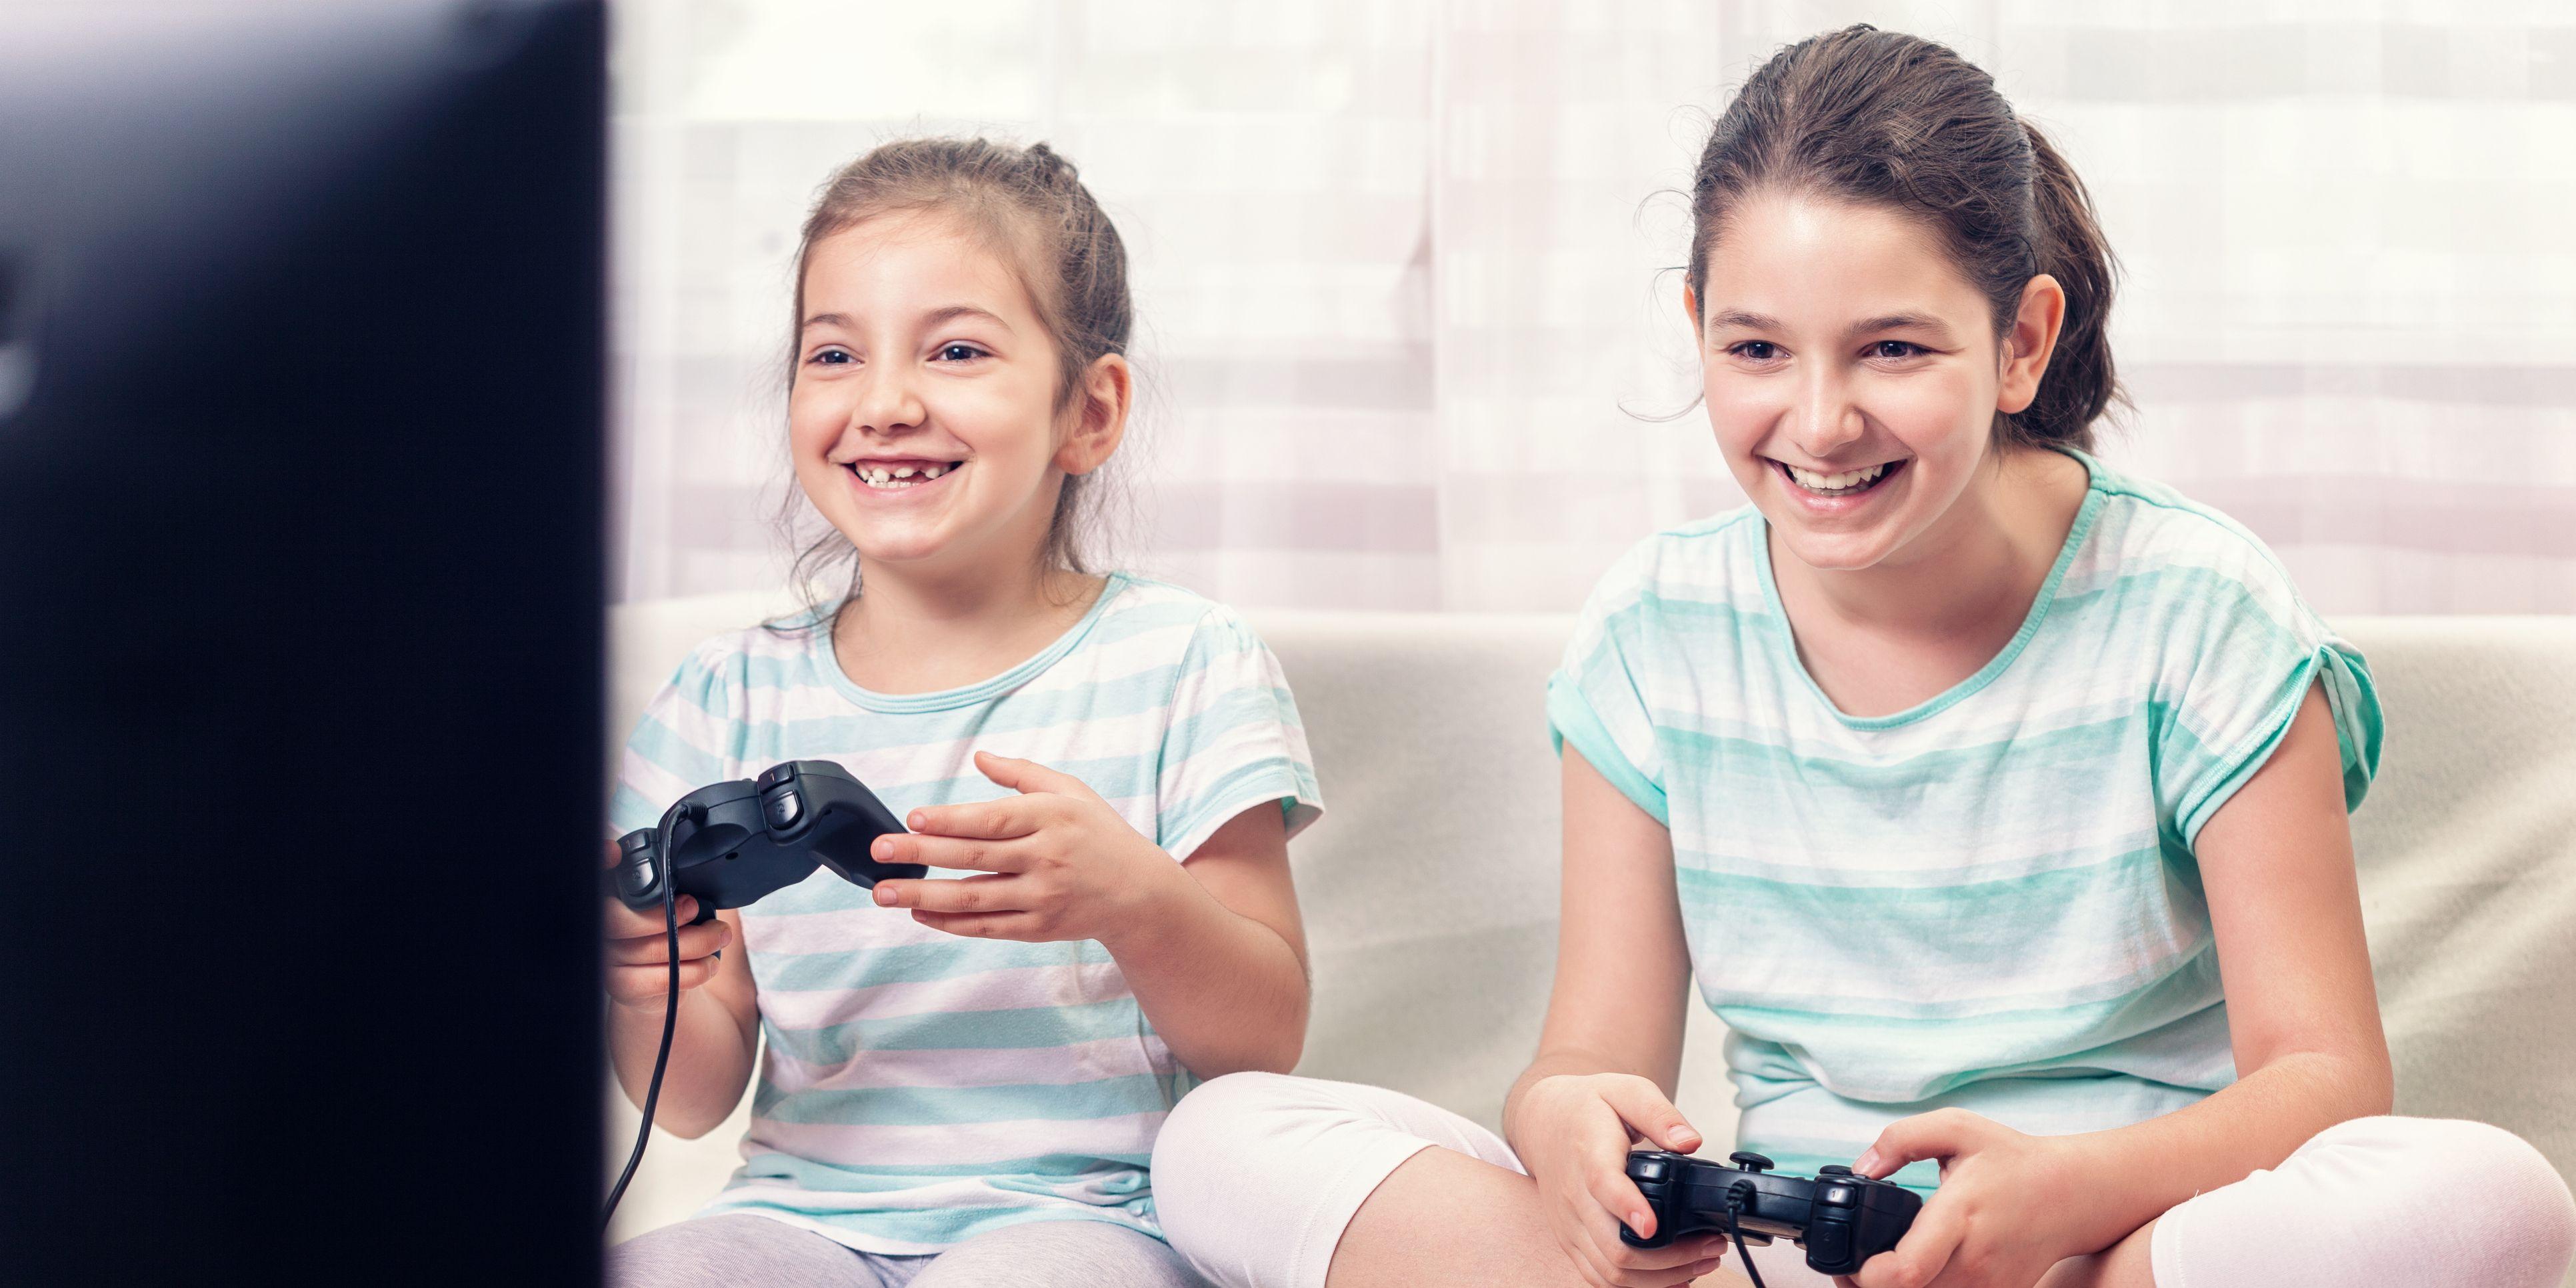 delitos digitales de los que nuestros hijos pueden ser víctimas y no saberlo